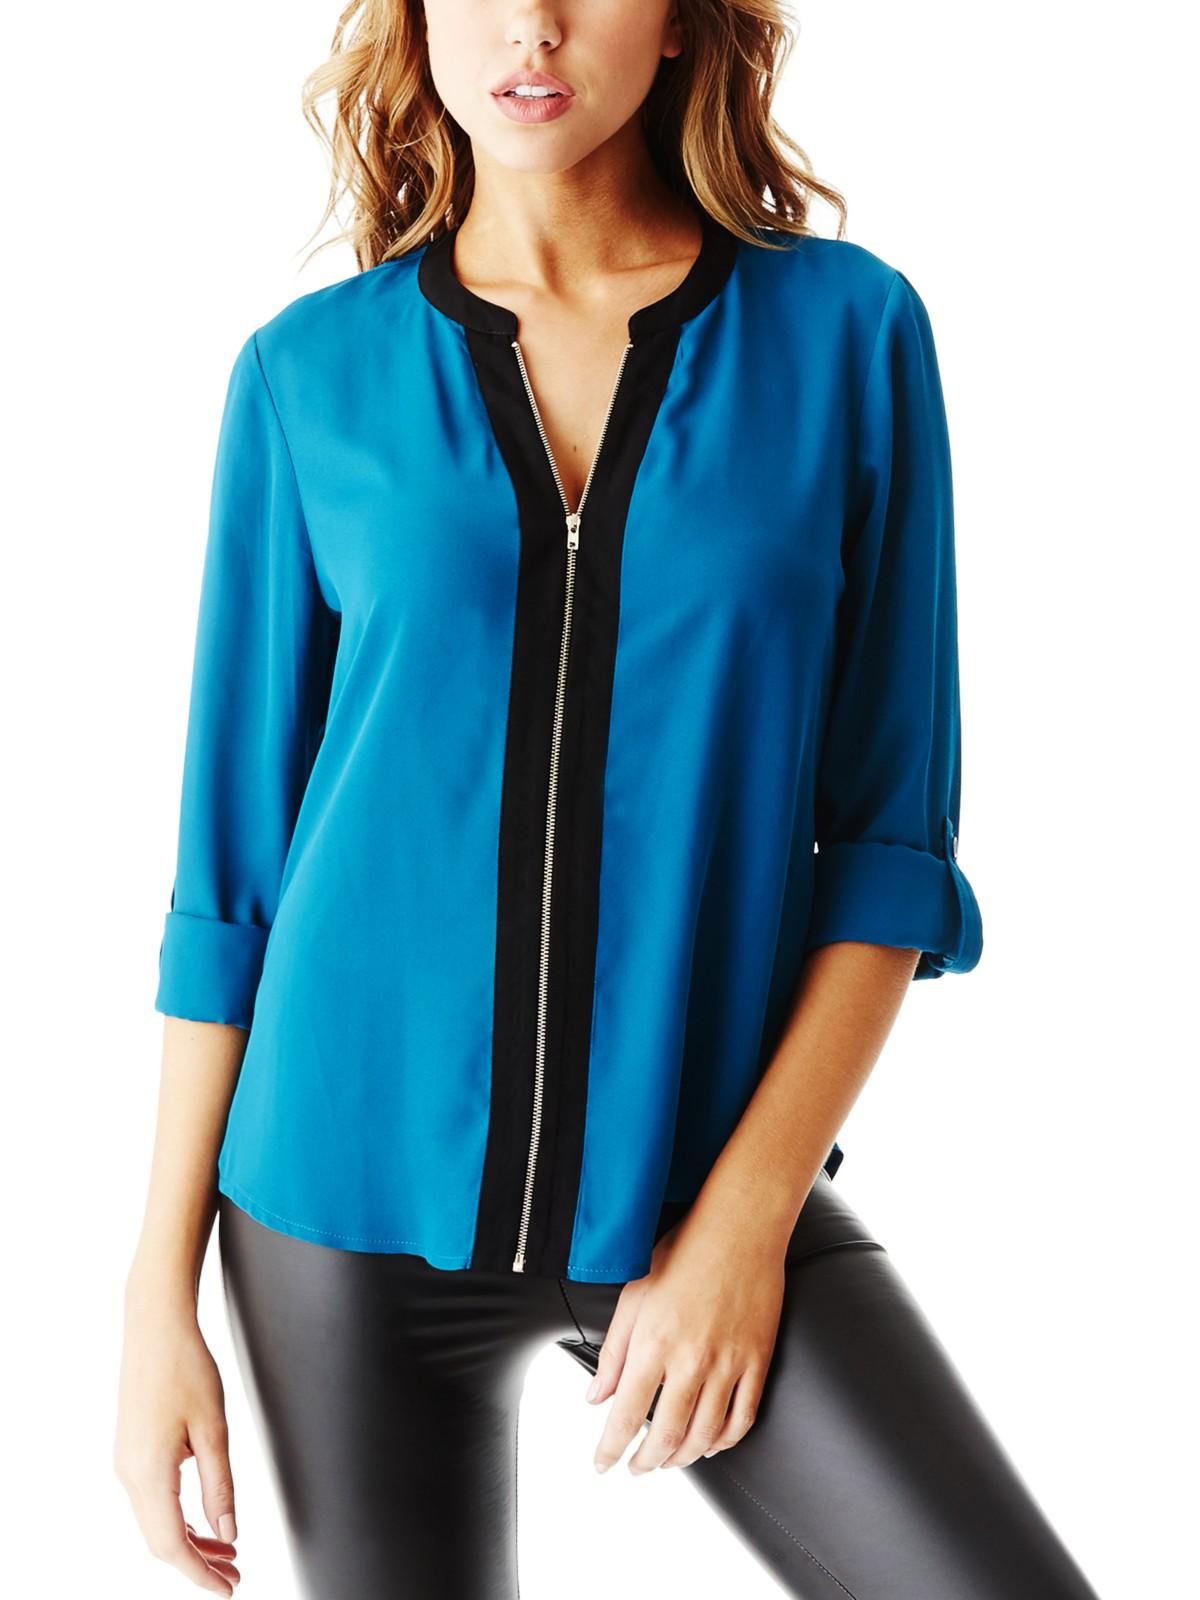 Guess Women 39 S Lunex Zip Front Shirt Ebay